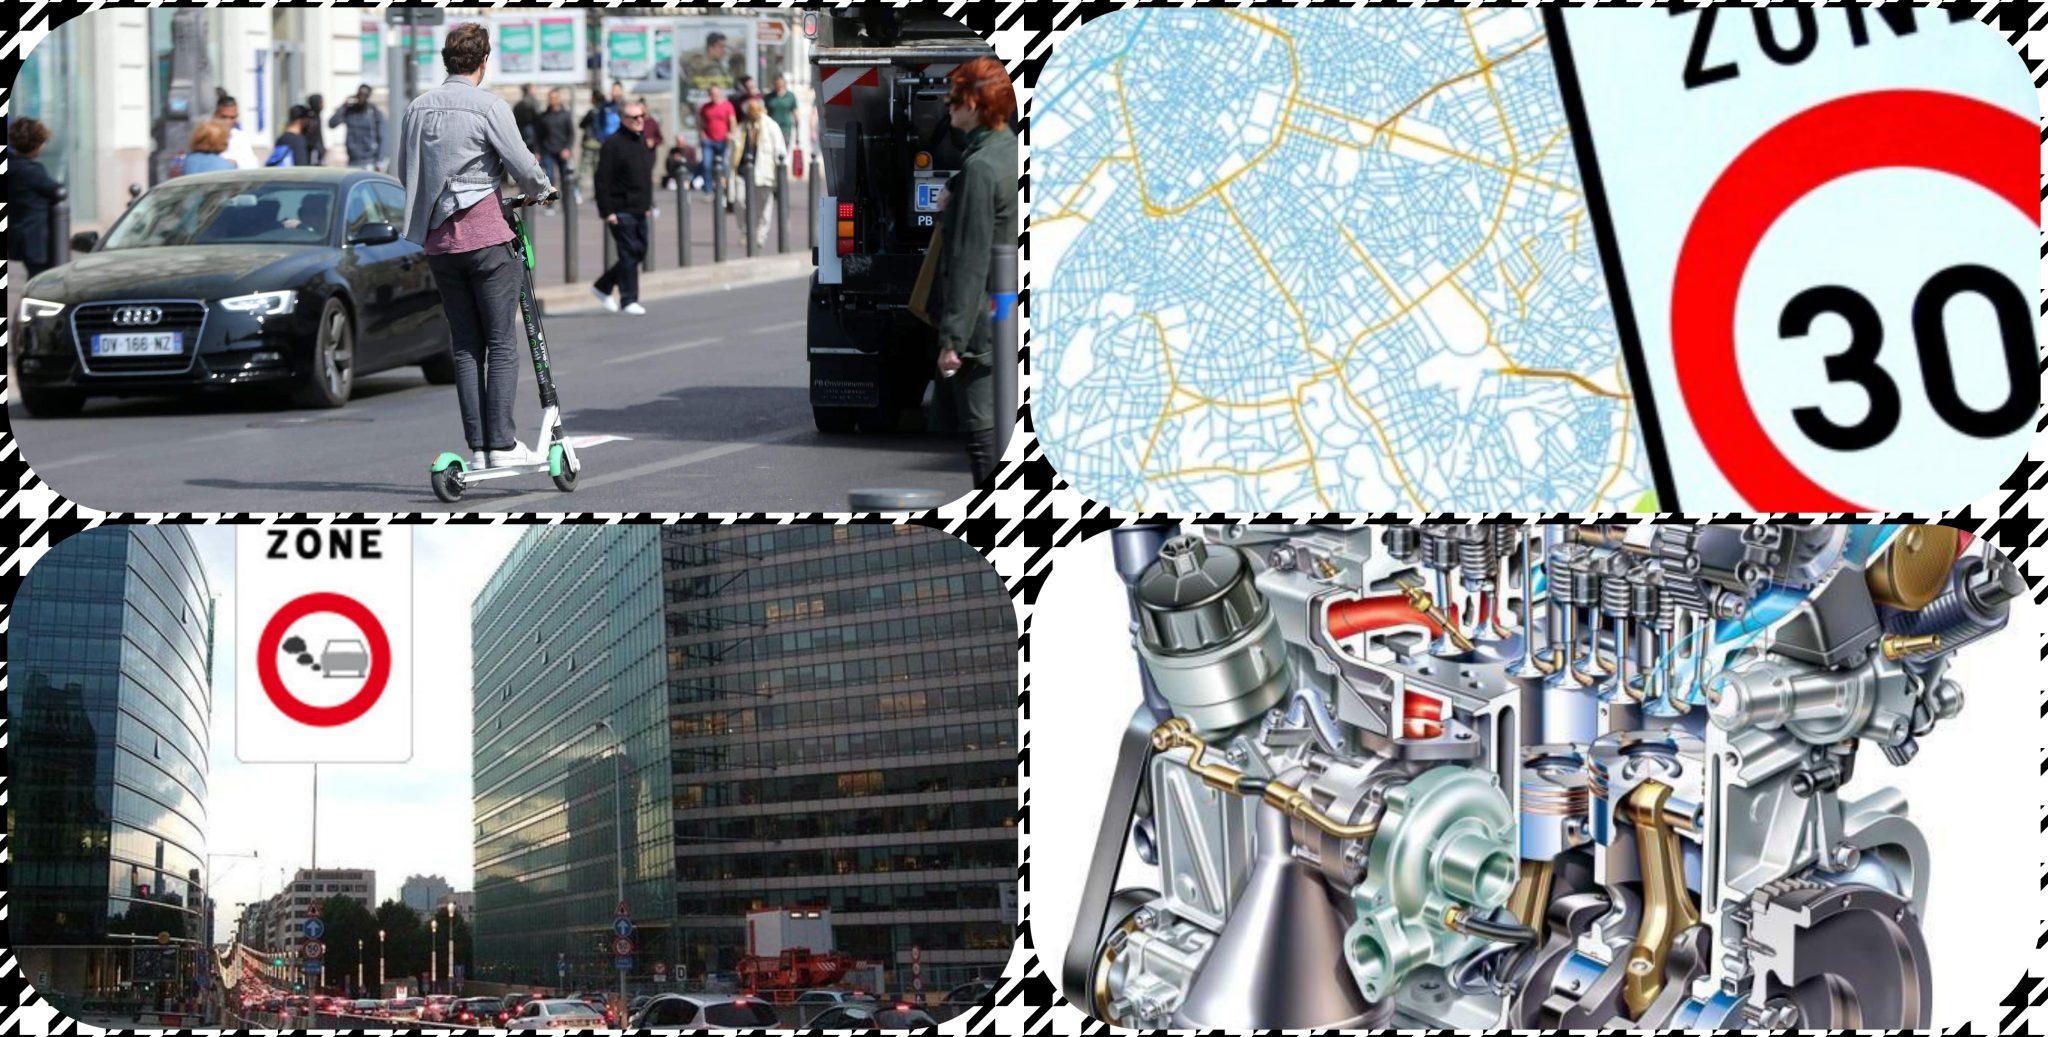 BILLET D'HUMEUR : entre LEZ, zone 30 km/h, parking et mobilité